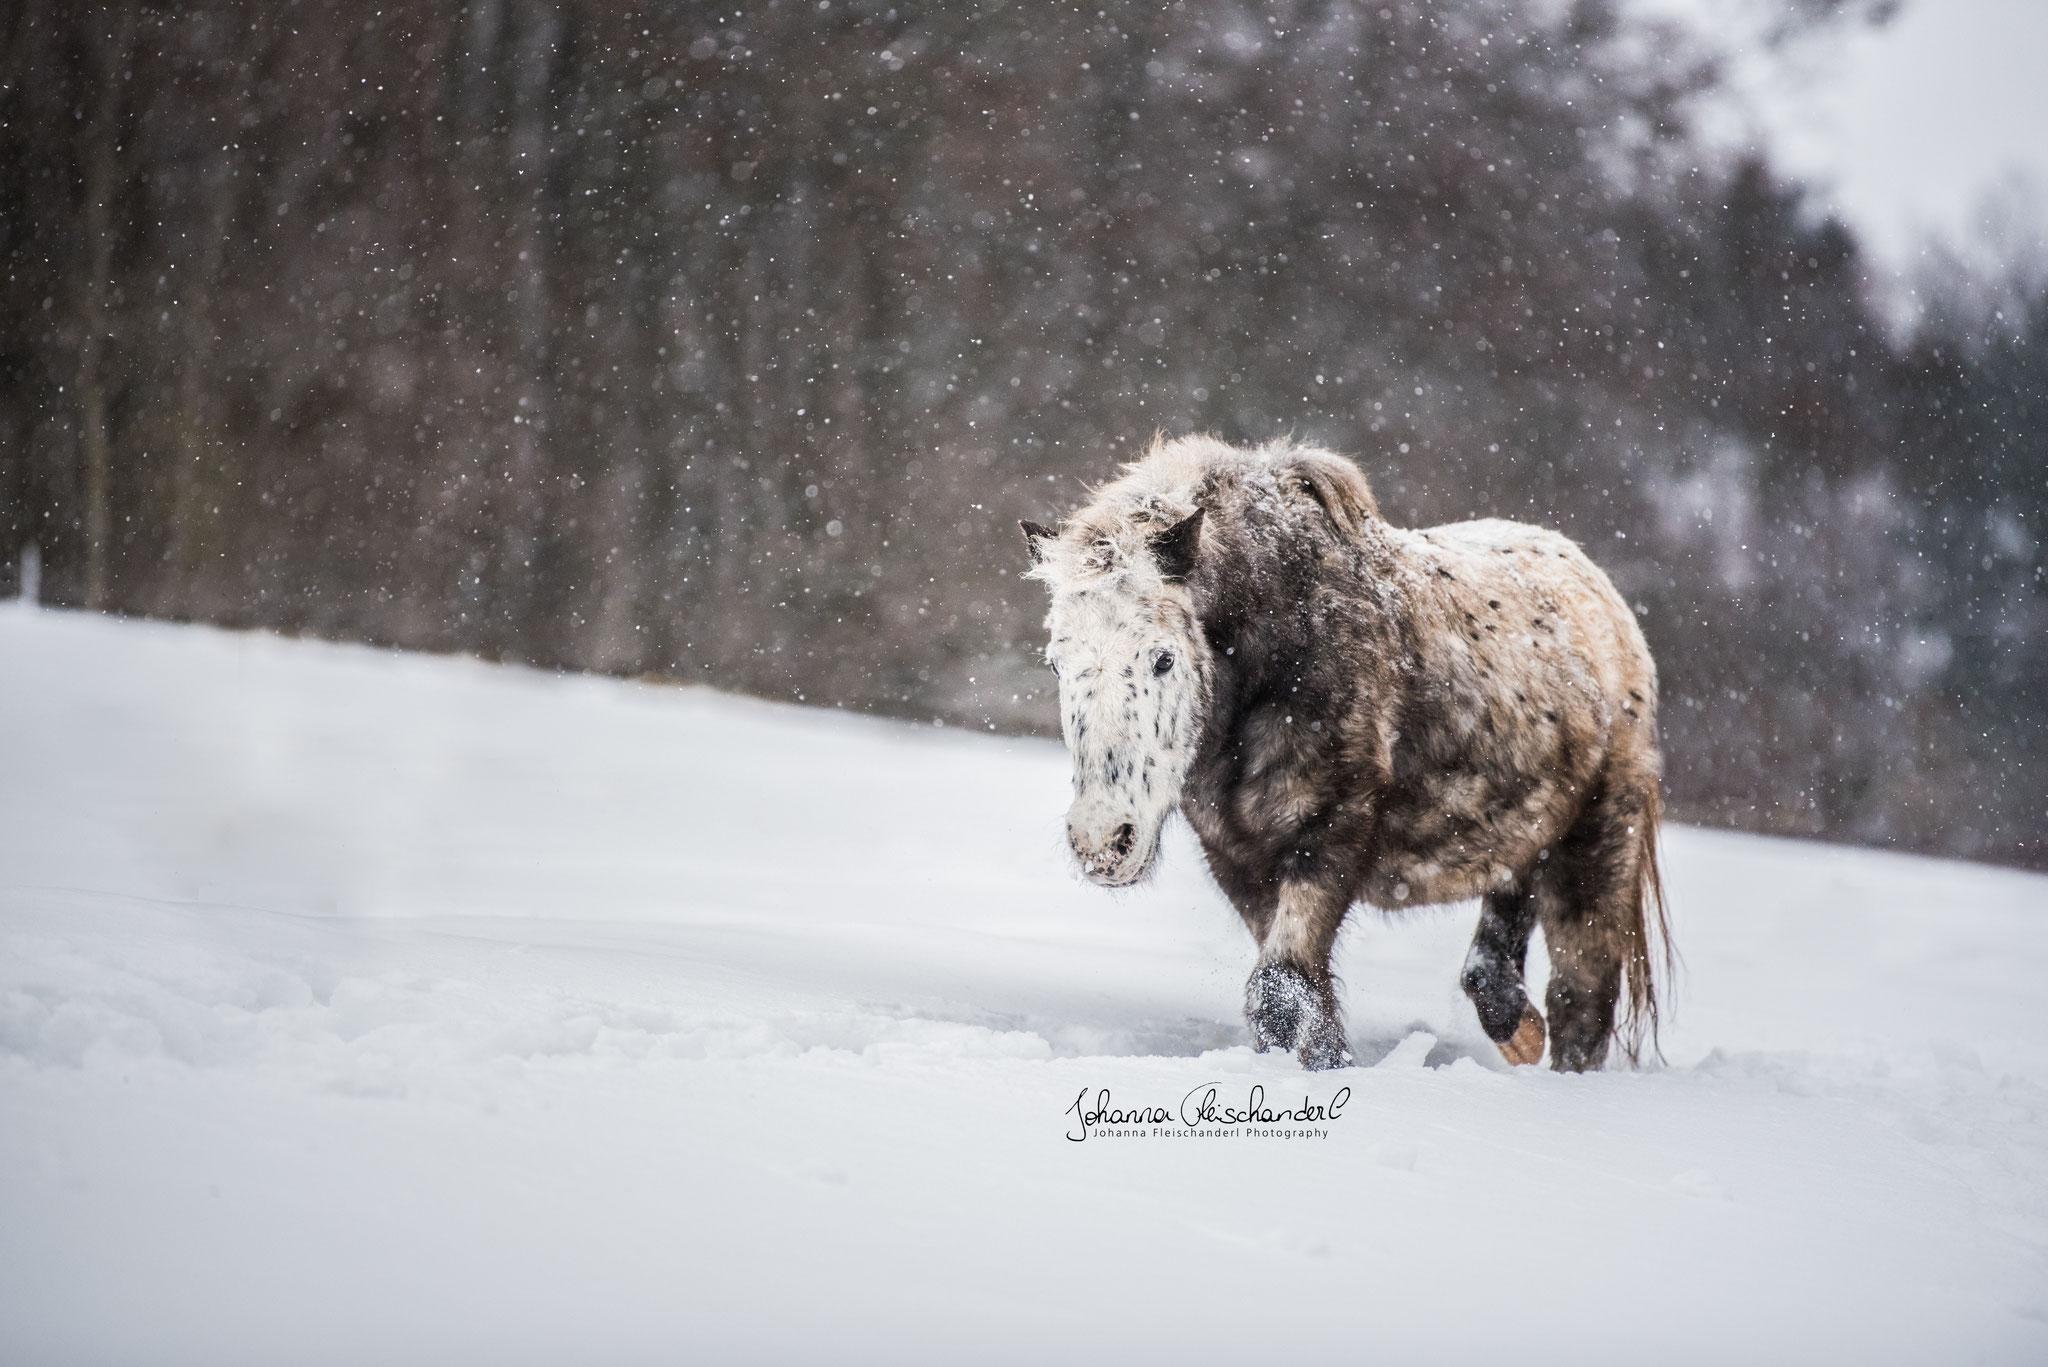 Armani im Schnee von Johanna Fleischanderl